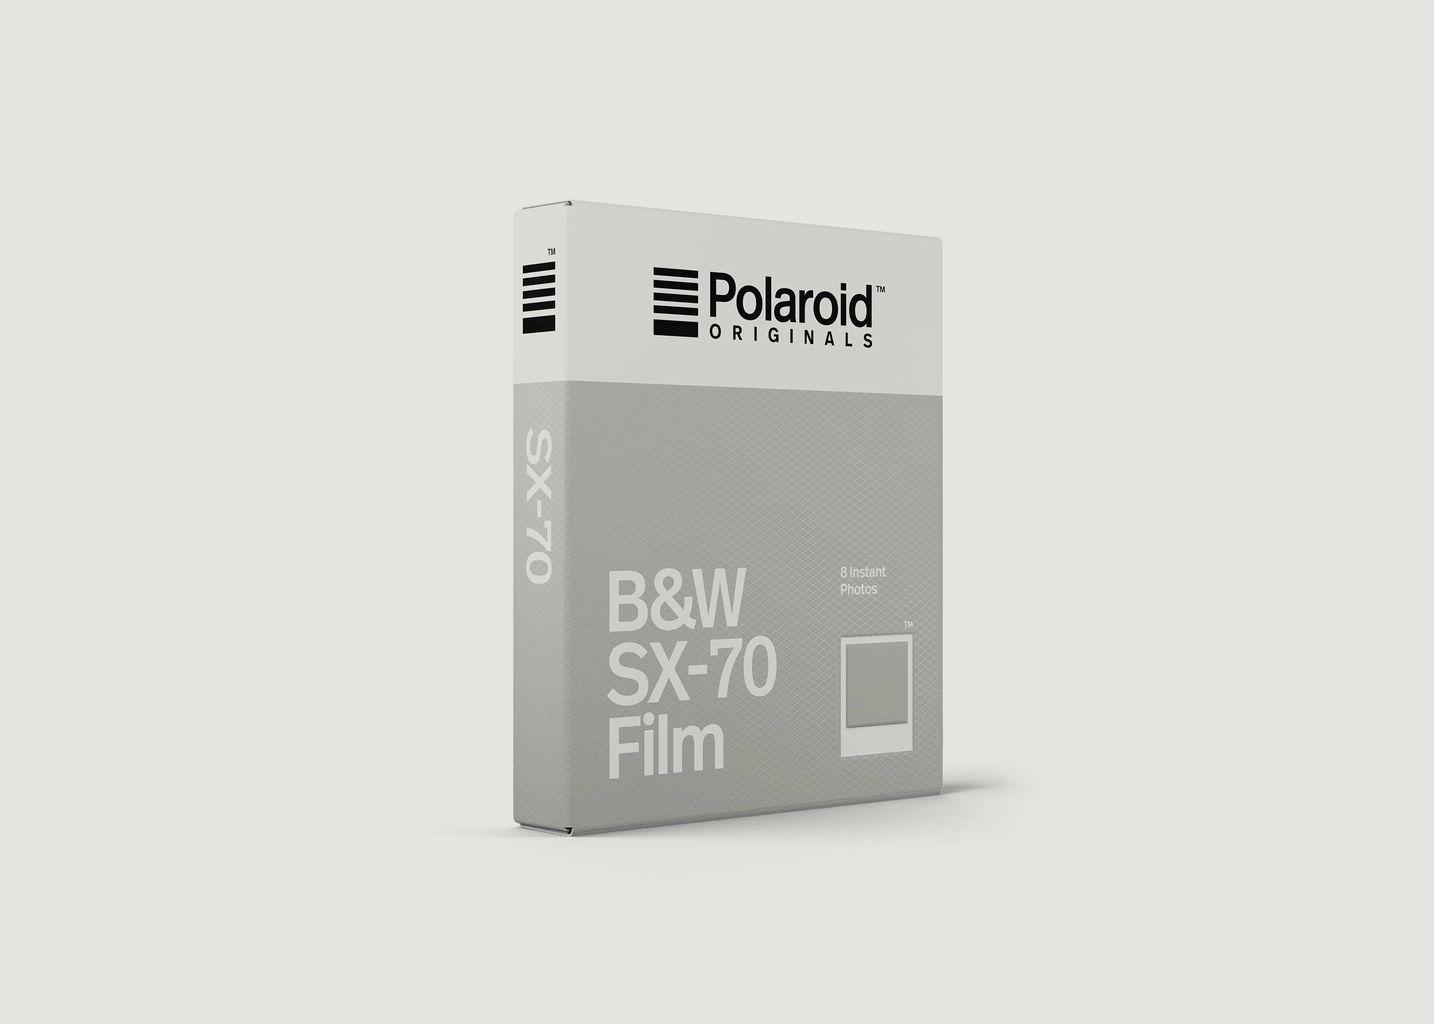 B&W Film SX-70 - Polaroid Originals